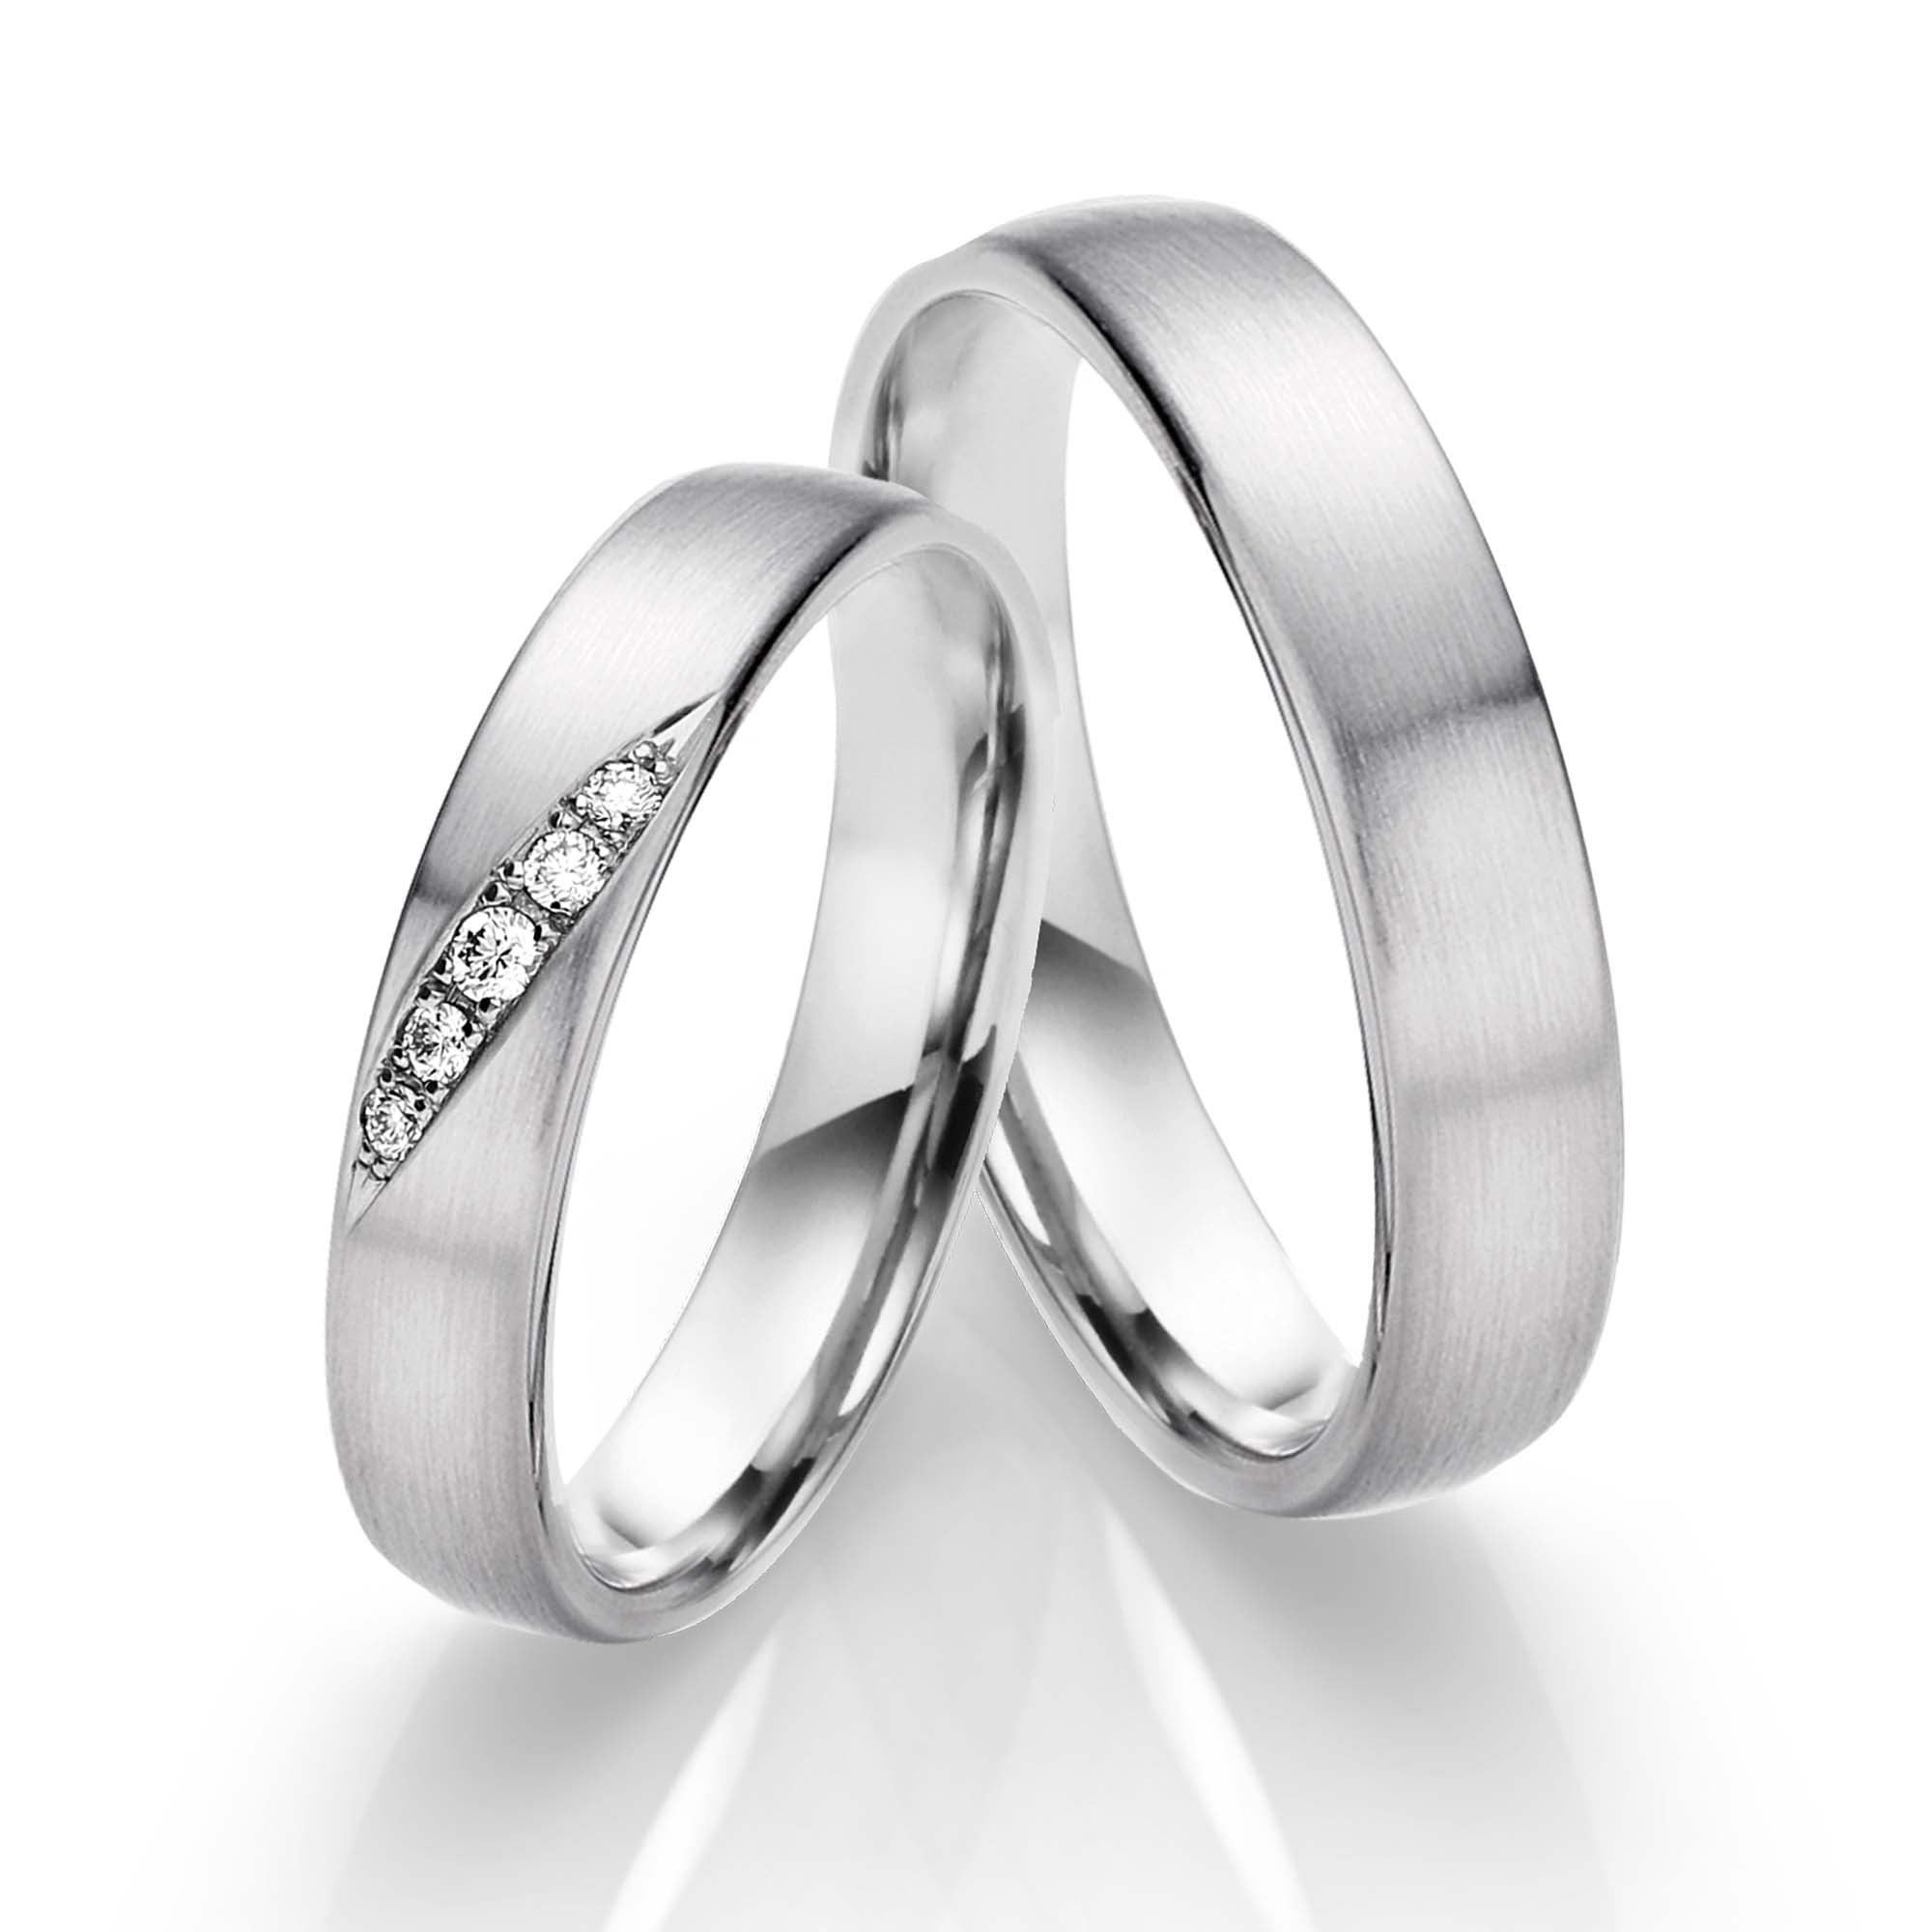 Juwelier Kraemer Trauringe Diamant 600 Platin Zus Ca 0 05 Ct